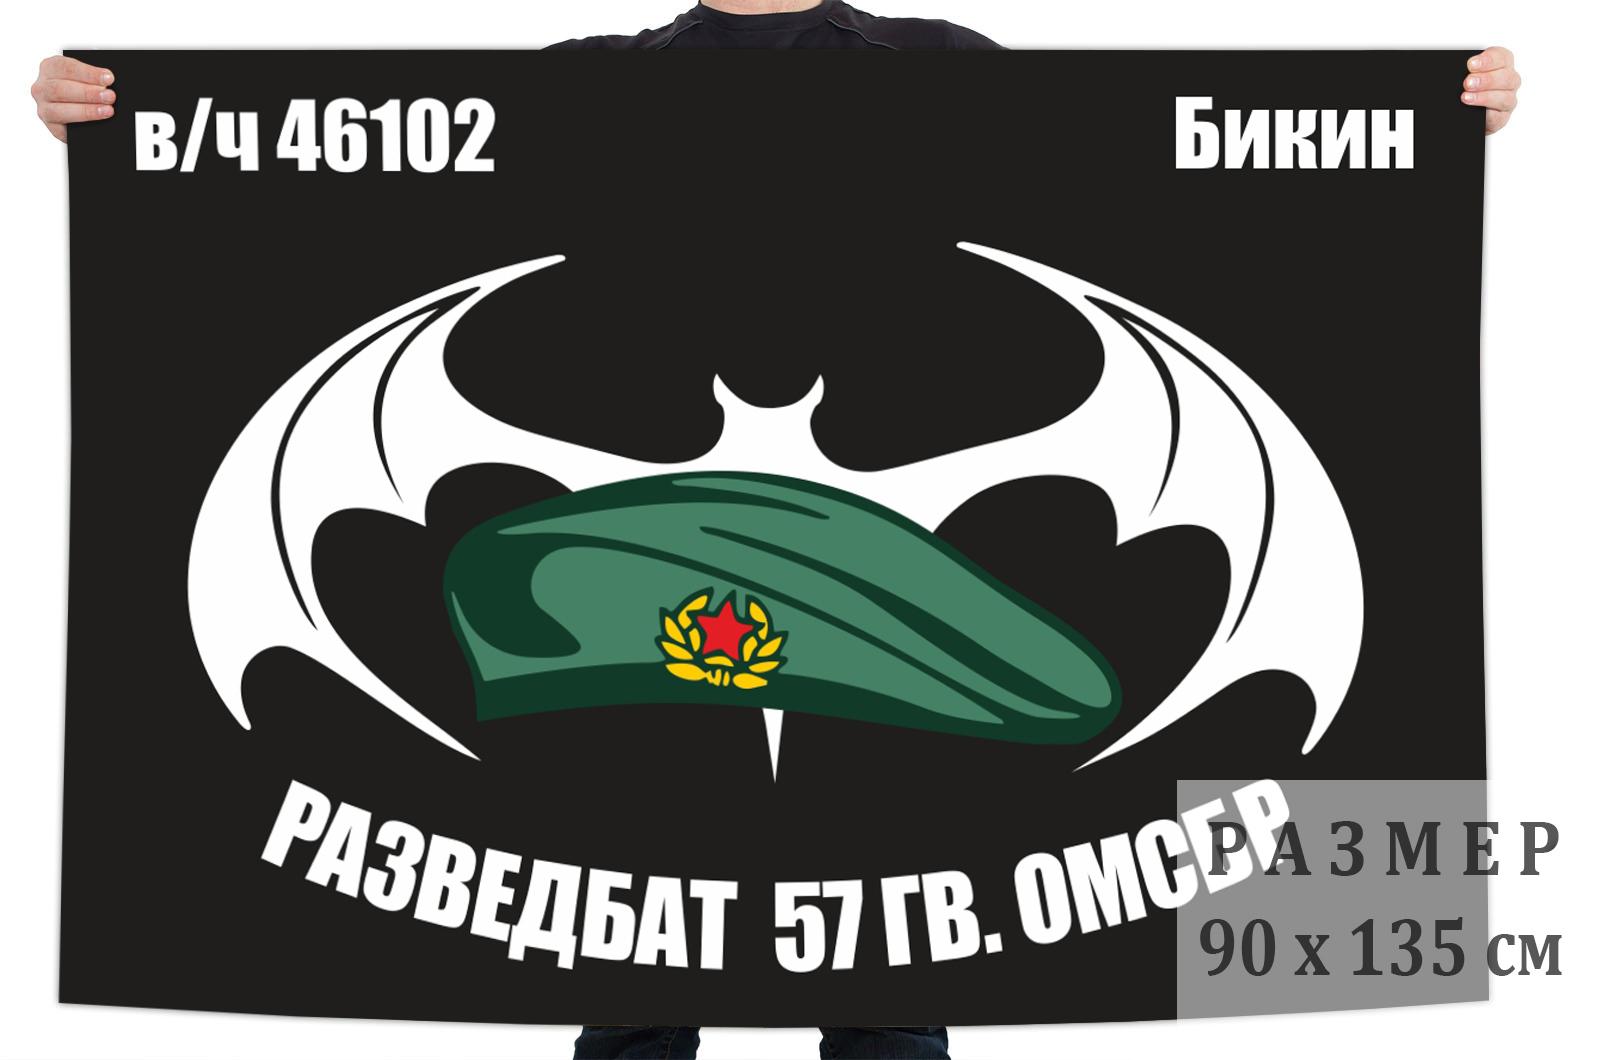 Флаг Разведбата 57 Гв. ОМСБр